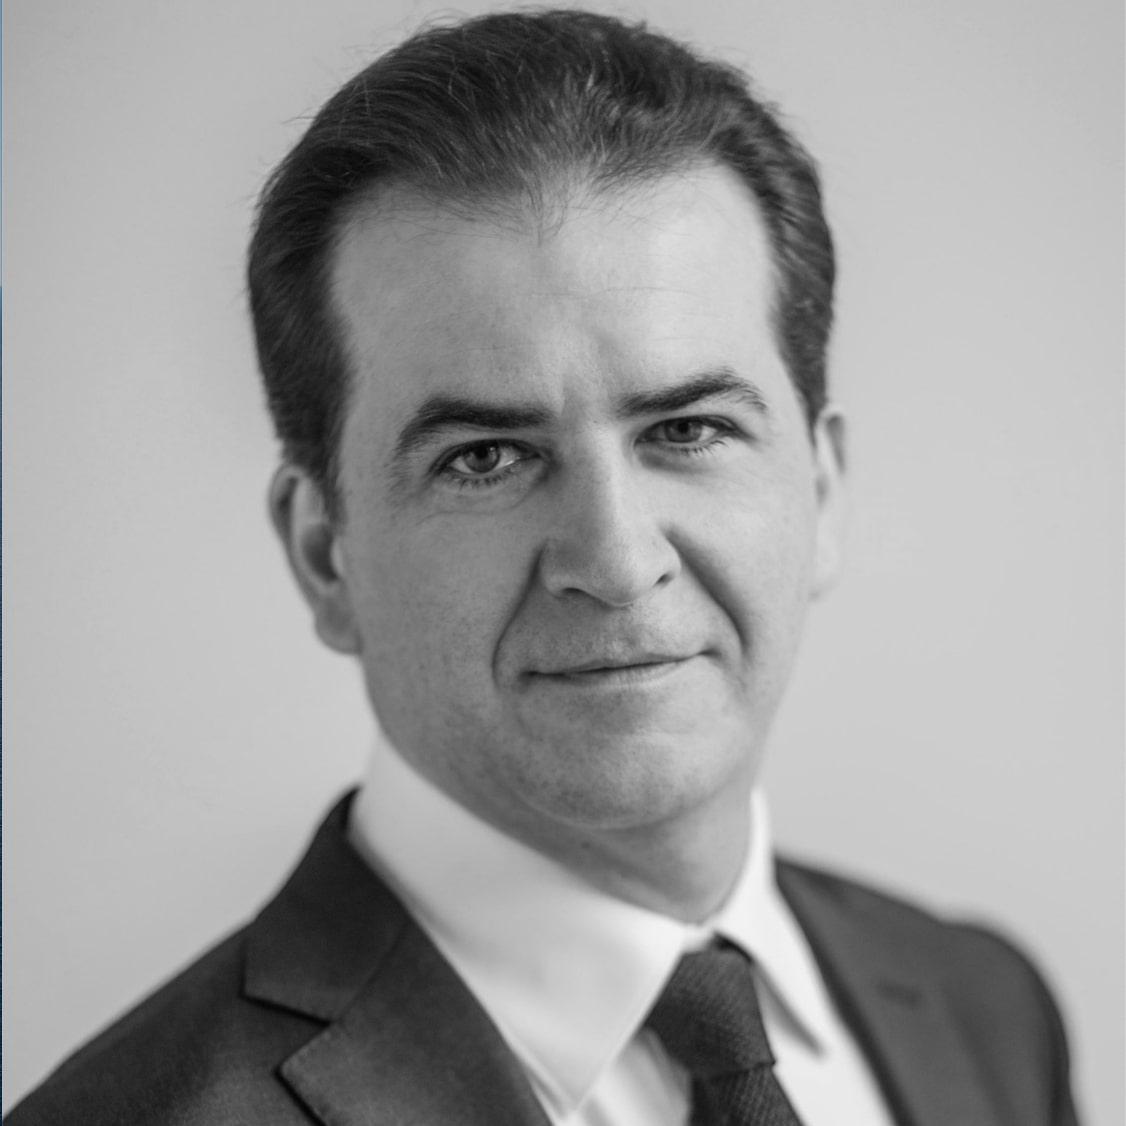 Guillaume Kessler, Dentons